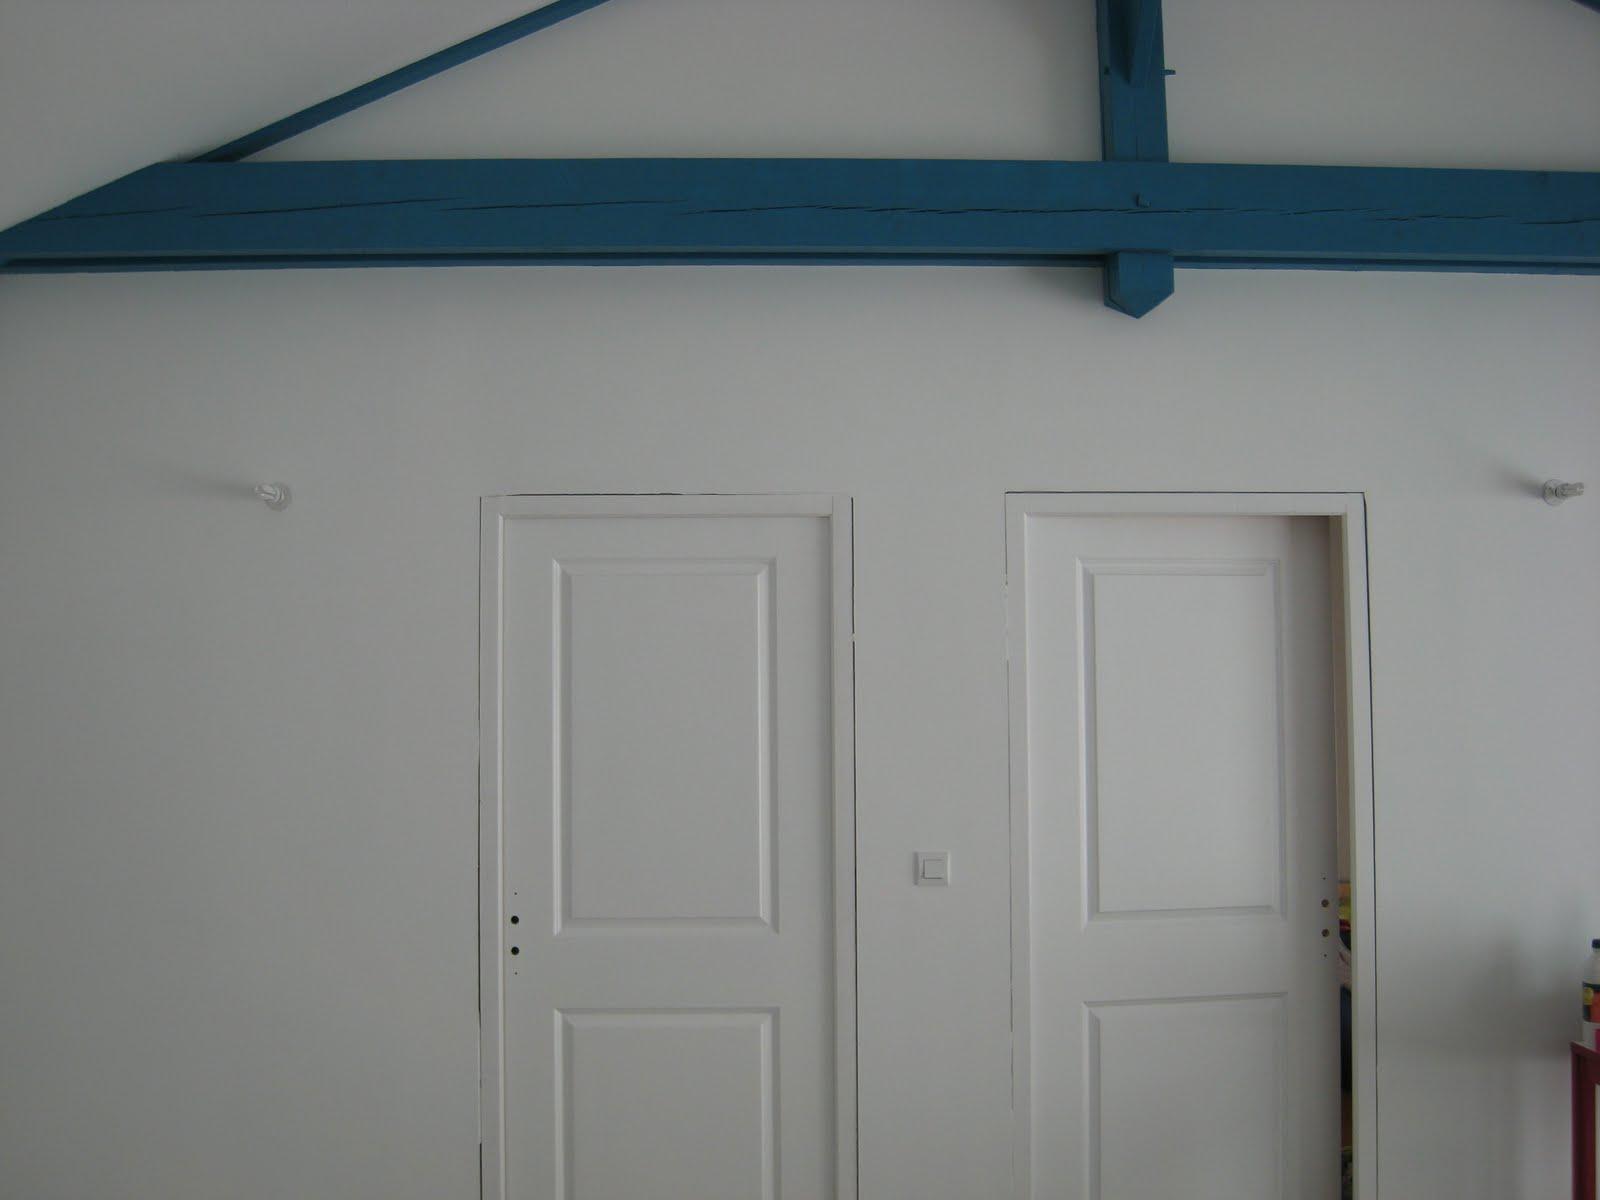 papier peint bleu p trole. Black Bedroom Furniture Sets. Home Design Ideas